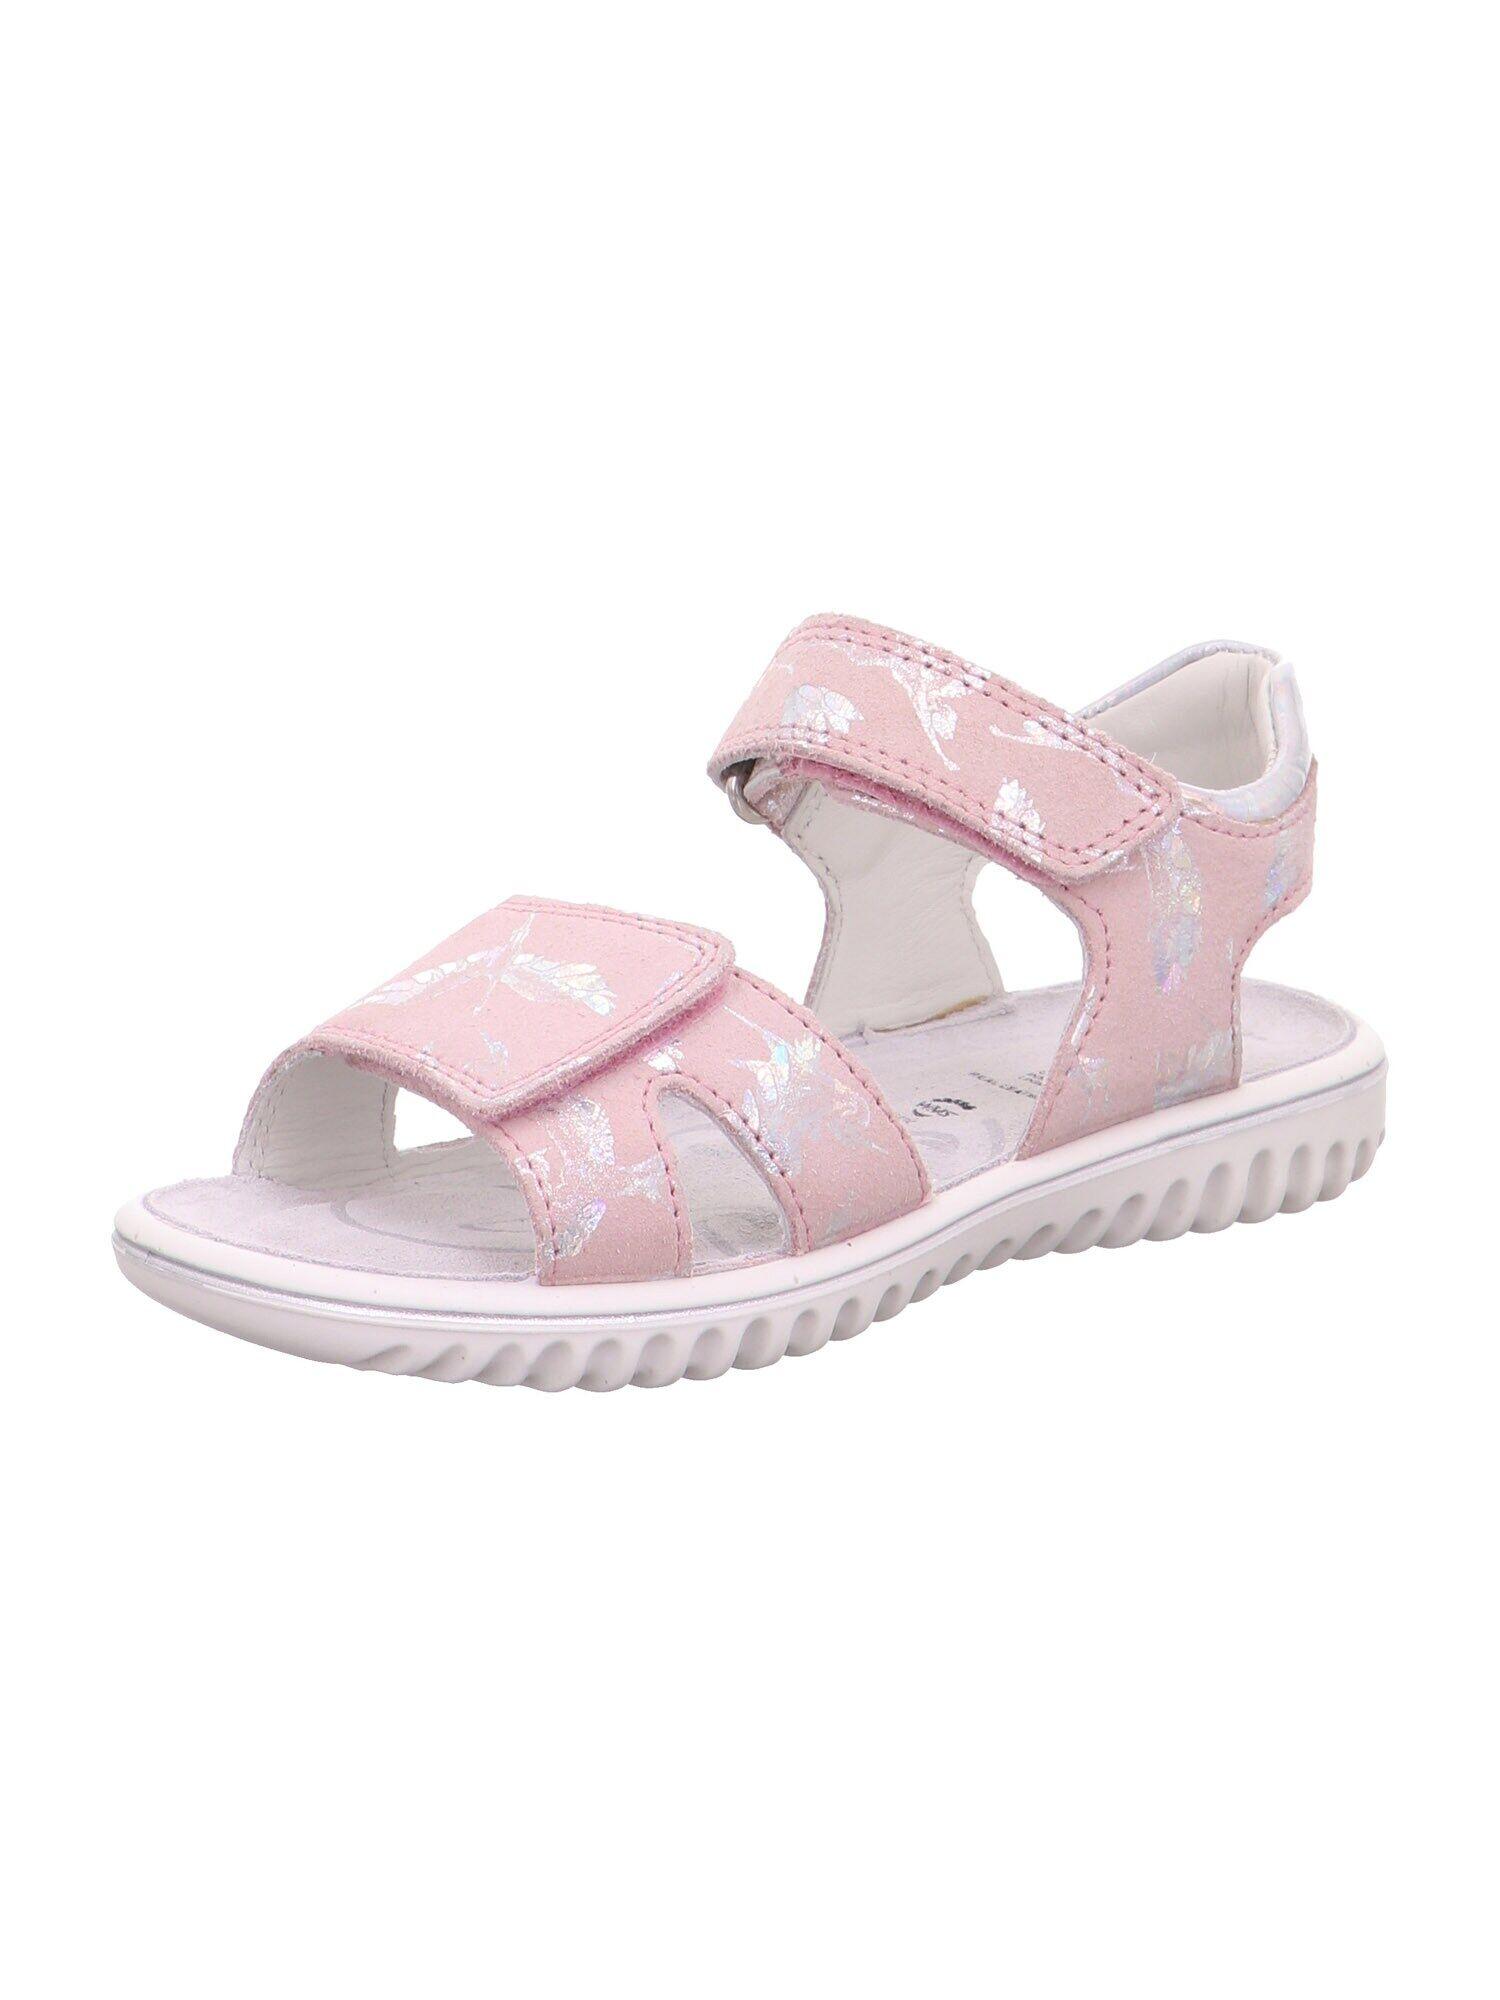 SUPERFIT Sandalo 'Sparkle' Rosa